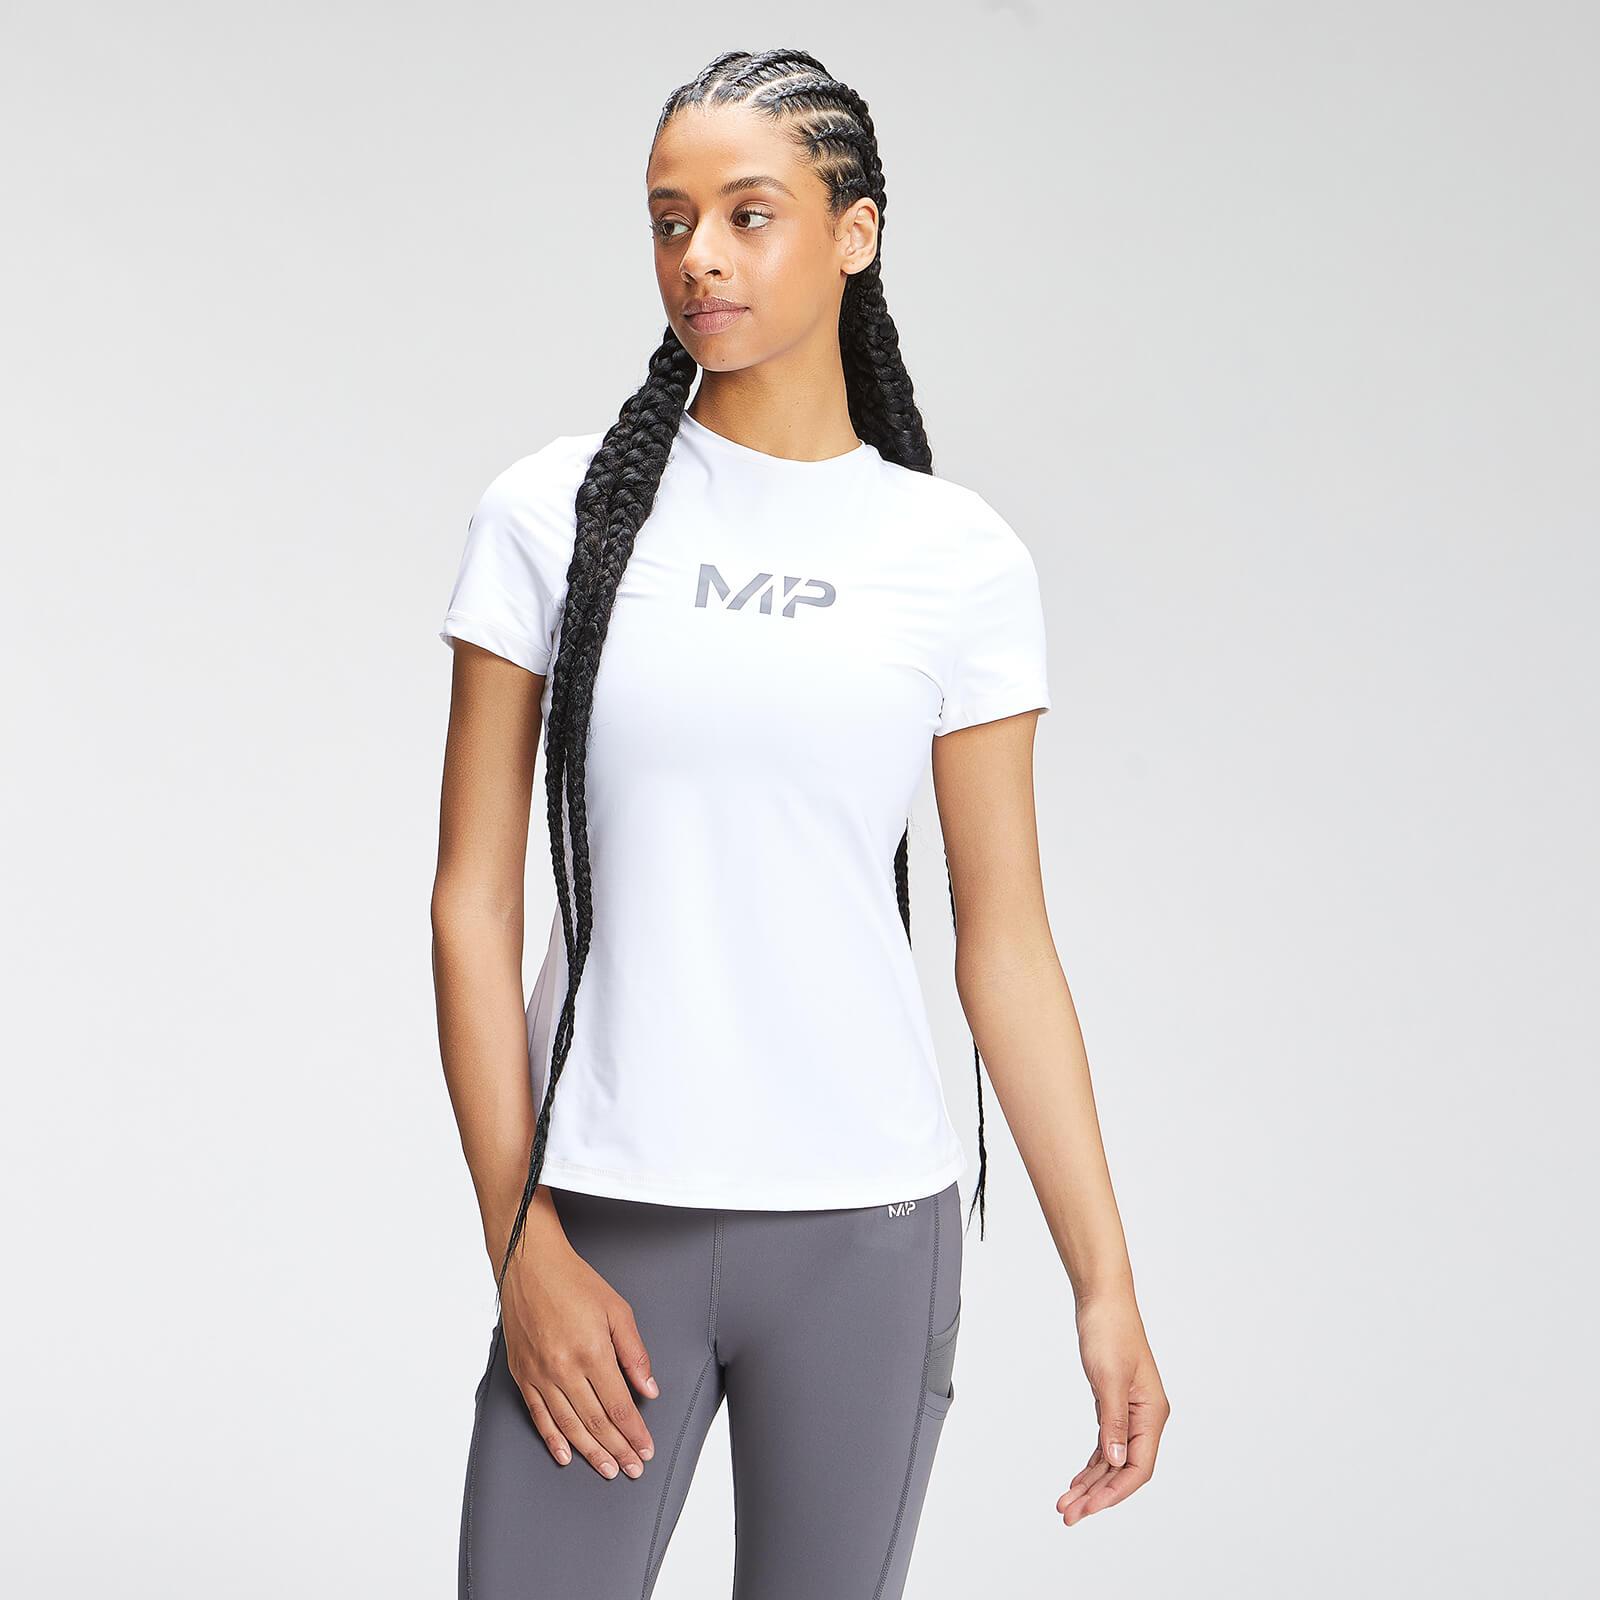 MP Women's Tempo Short Sleeve Top - White - S, Myprotein International  - купить со скидкой